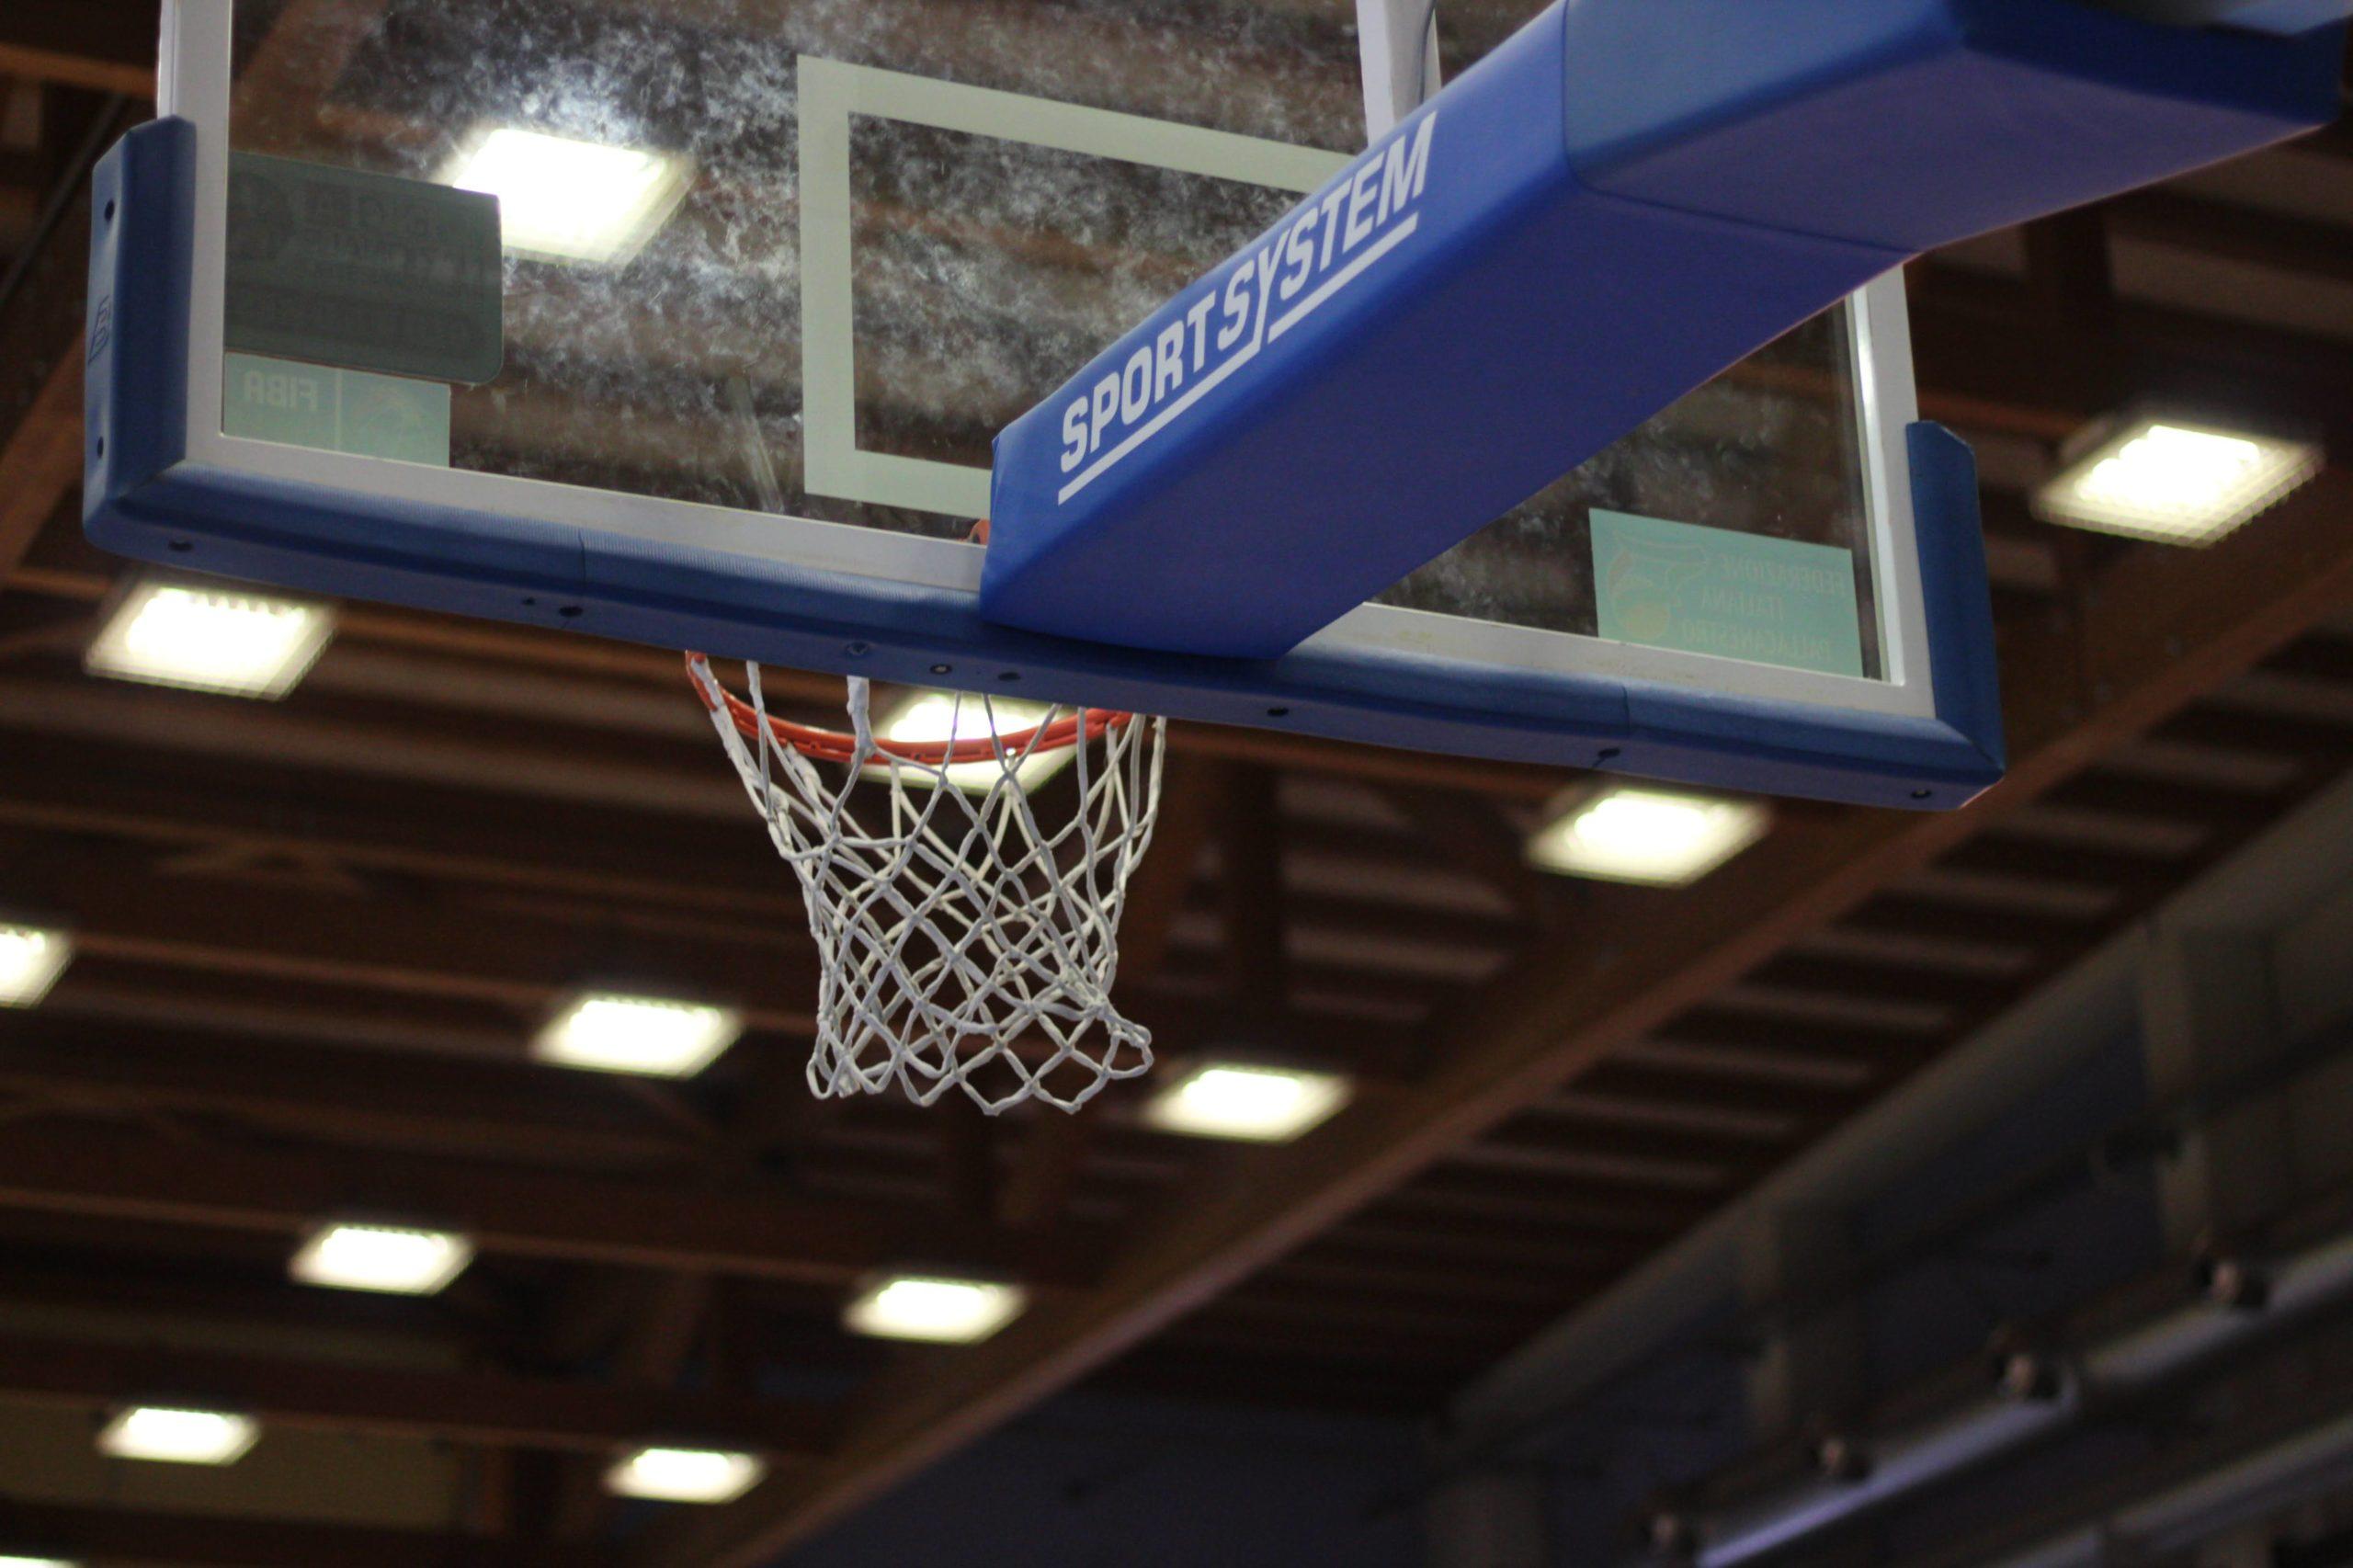 Le attività sportive di ogni livello, giovanile e senior, sono sospese!